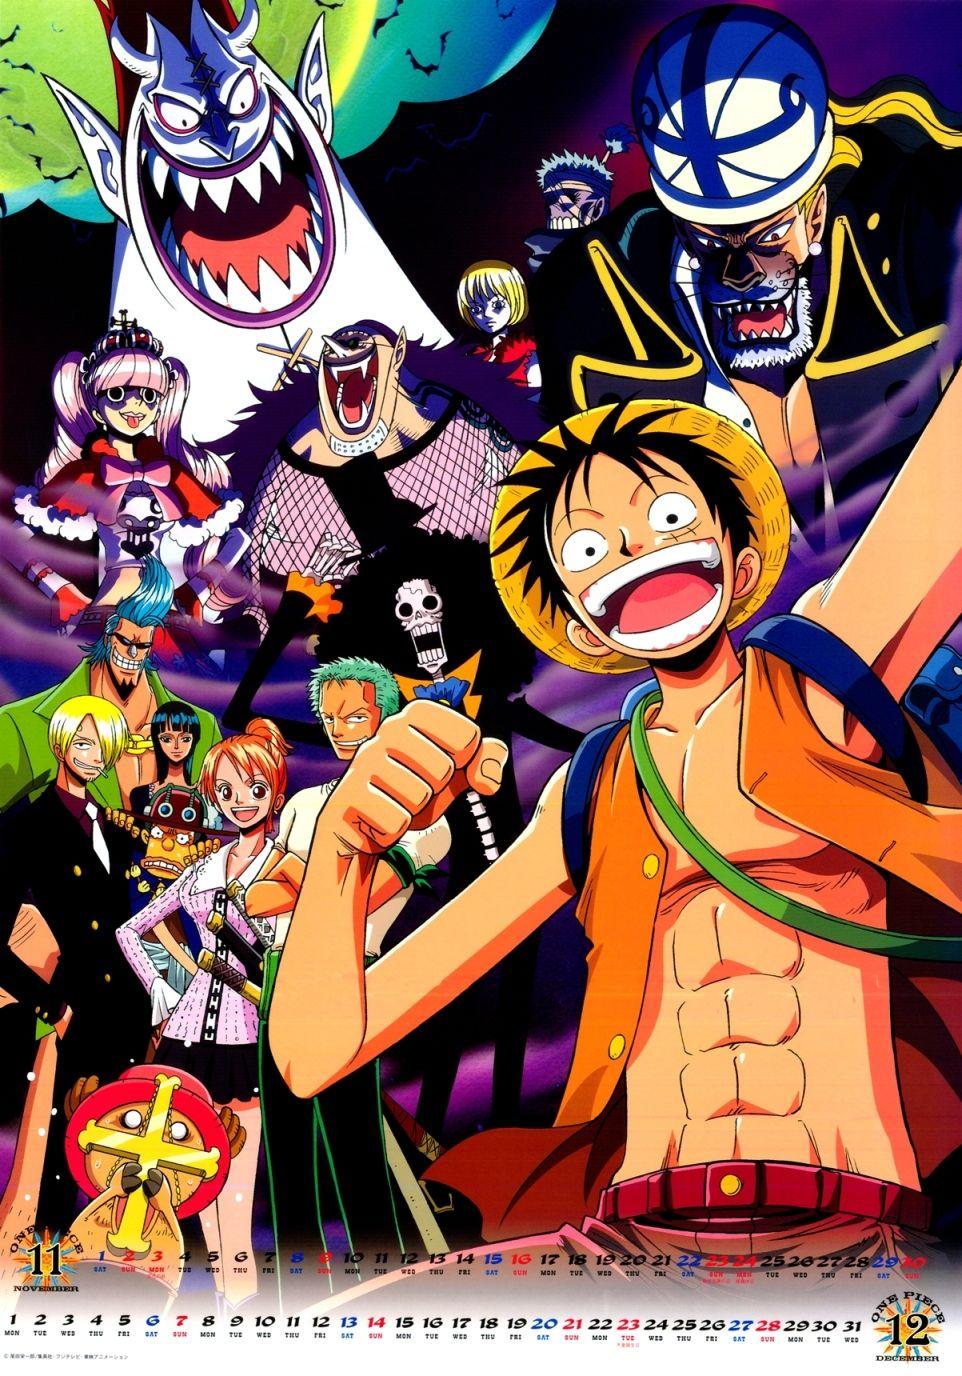 Épinglé par The Moon Dark Side Of sur One Piece One